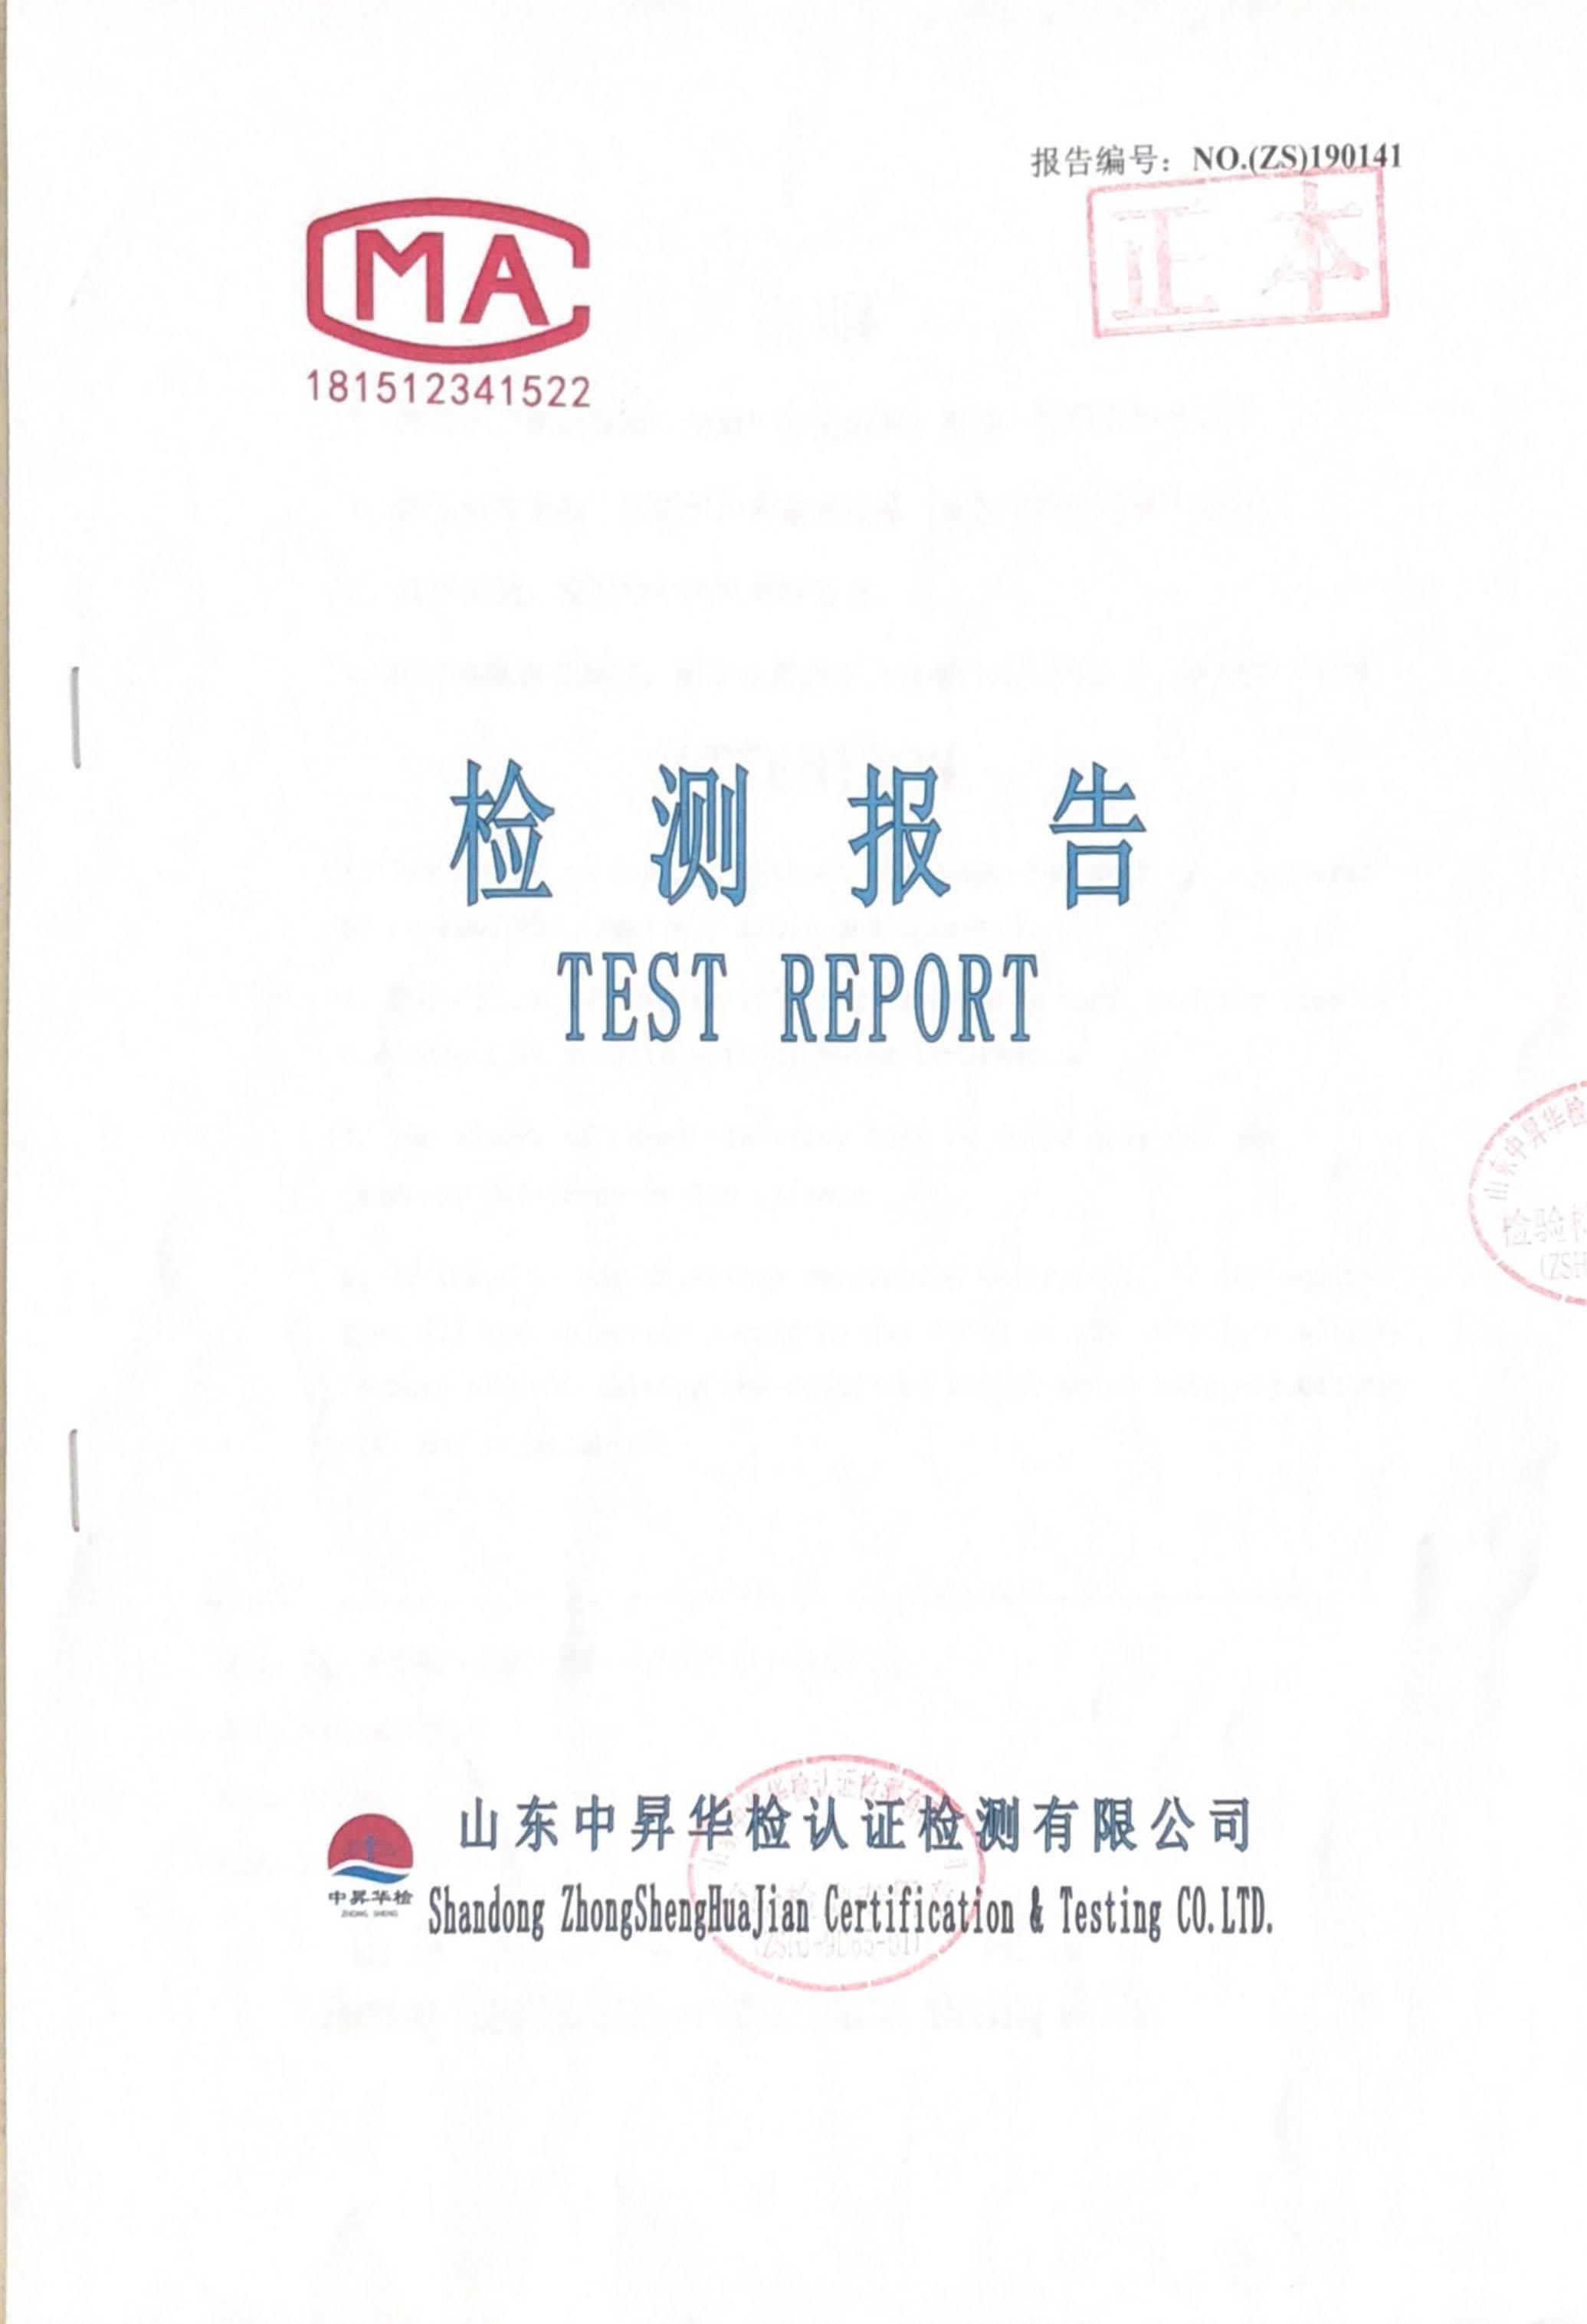 青岛海诺生物工程有限公司自行检测报告-1